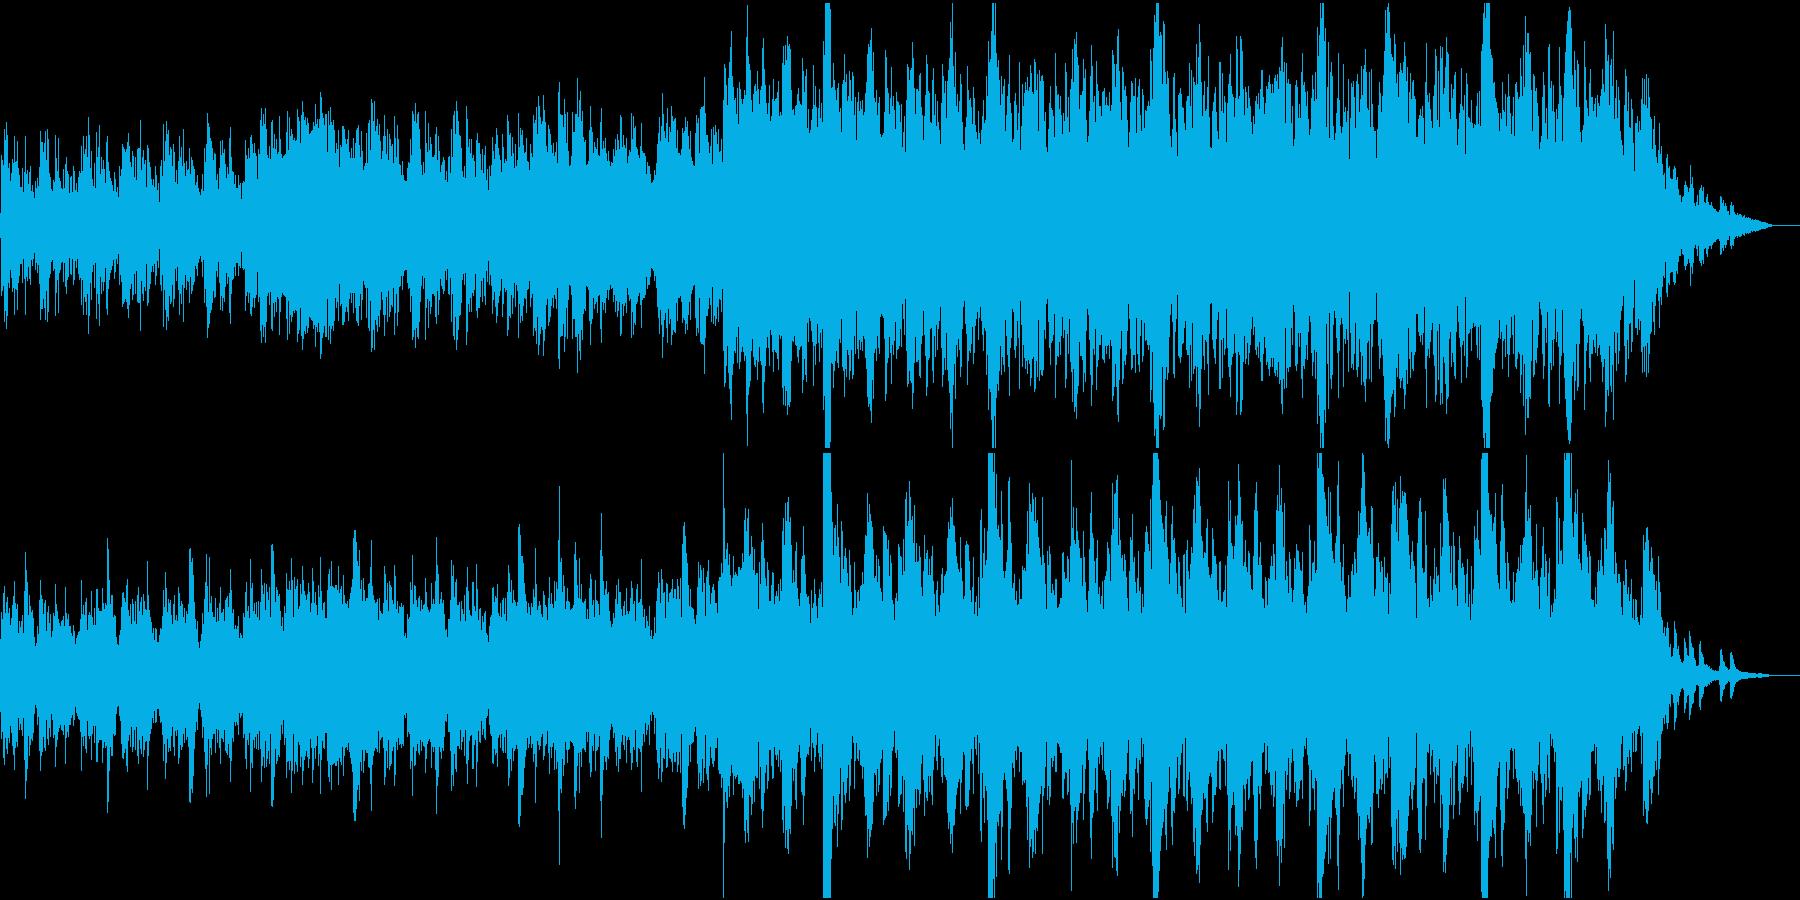 現代的な和風管弦楽④和太鼓と弦楽のみの再生済みの波形